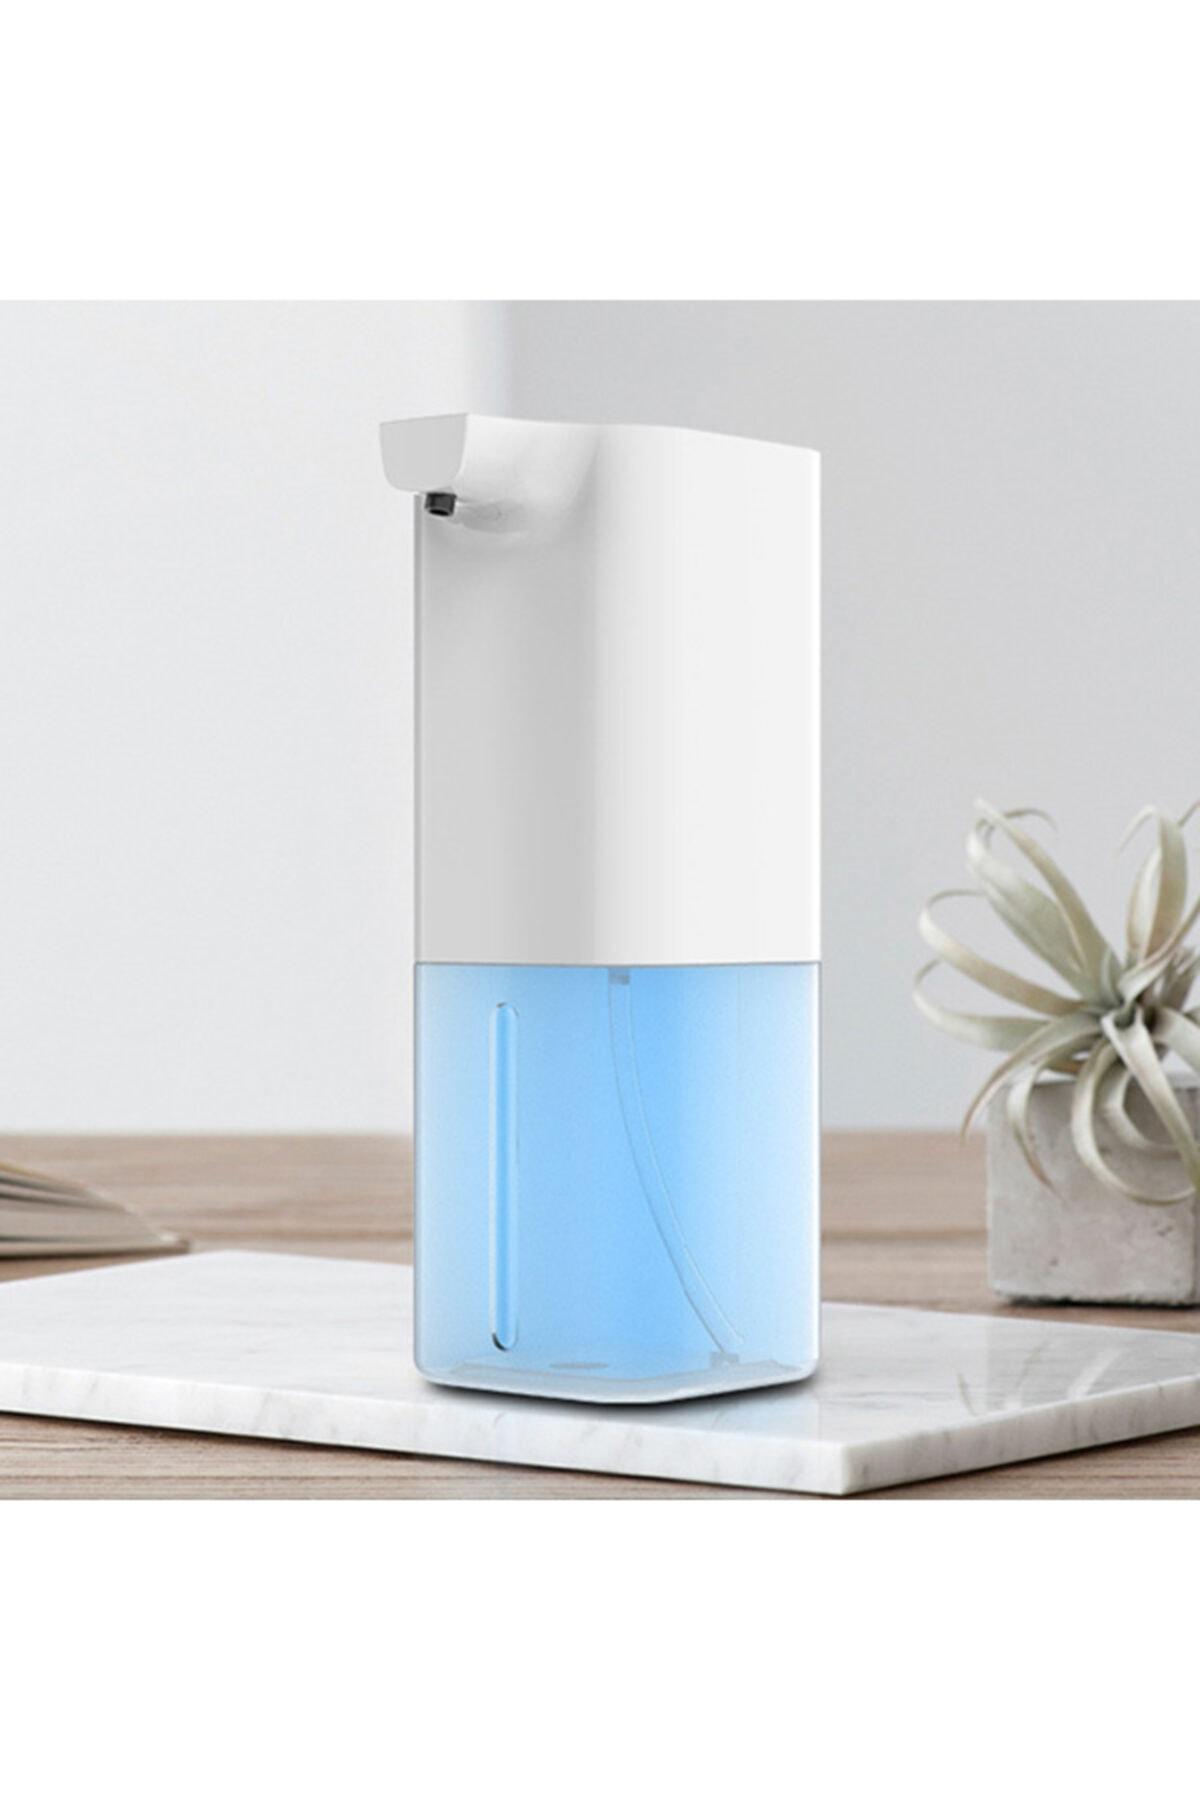 EZERE Sensörlü Sıvı Sabunluk Otomatik Köpük Makinesi 2